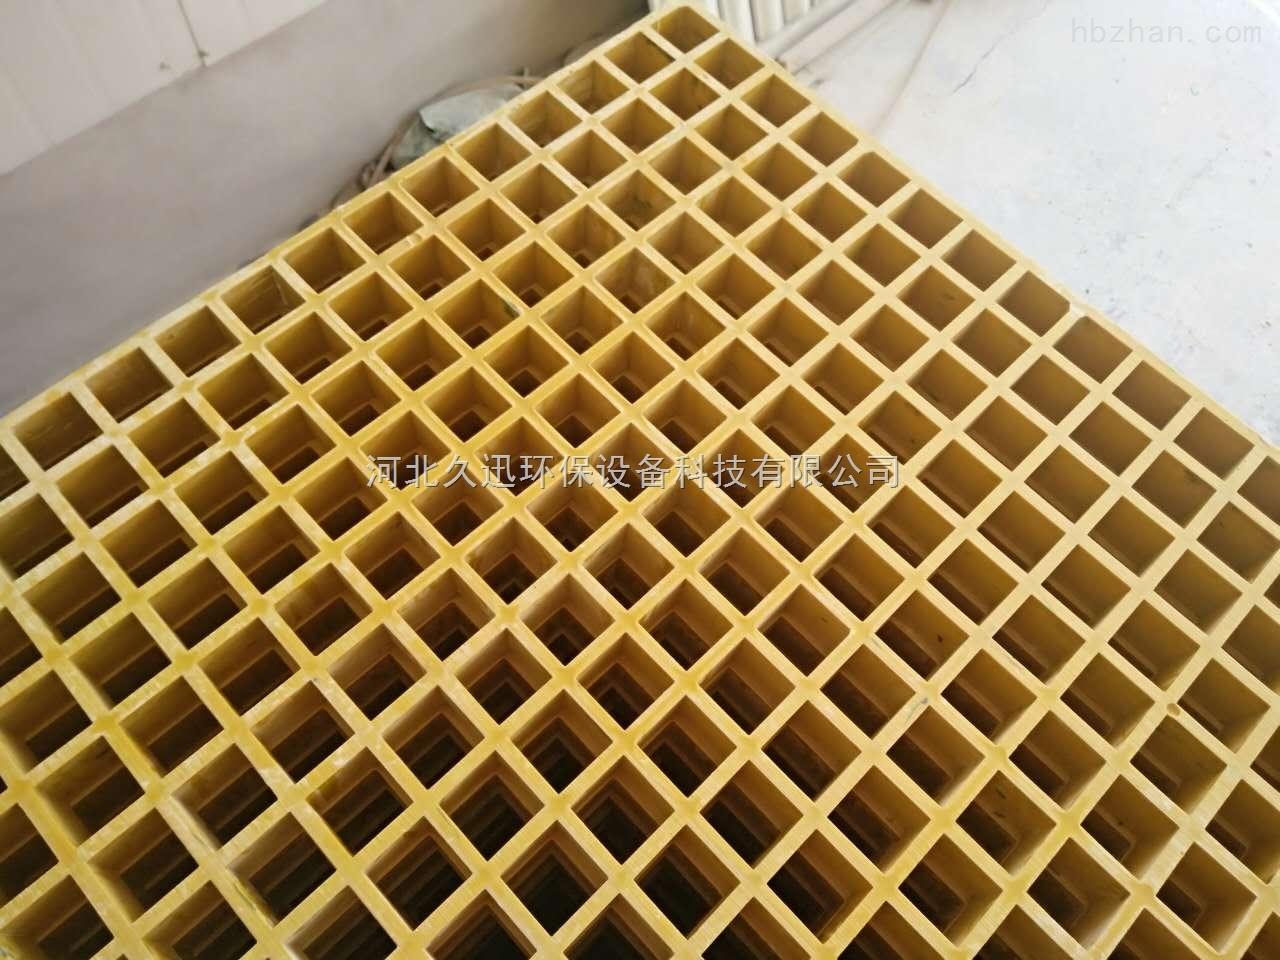 38x38x30 【养殖树脂玻璃钢格栅】@三明养殖玻璃钢格栅@养殖玻璃钢